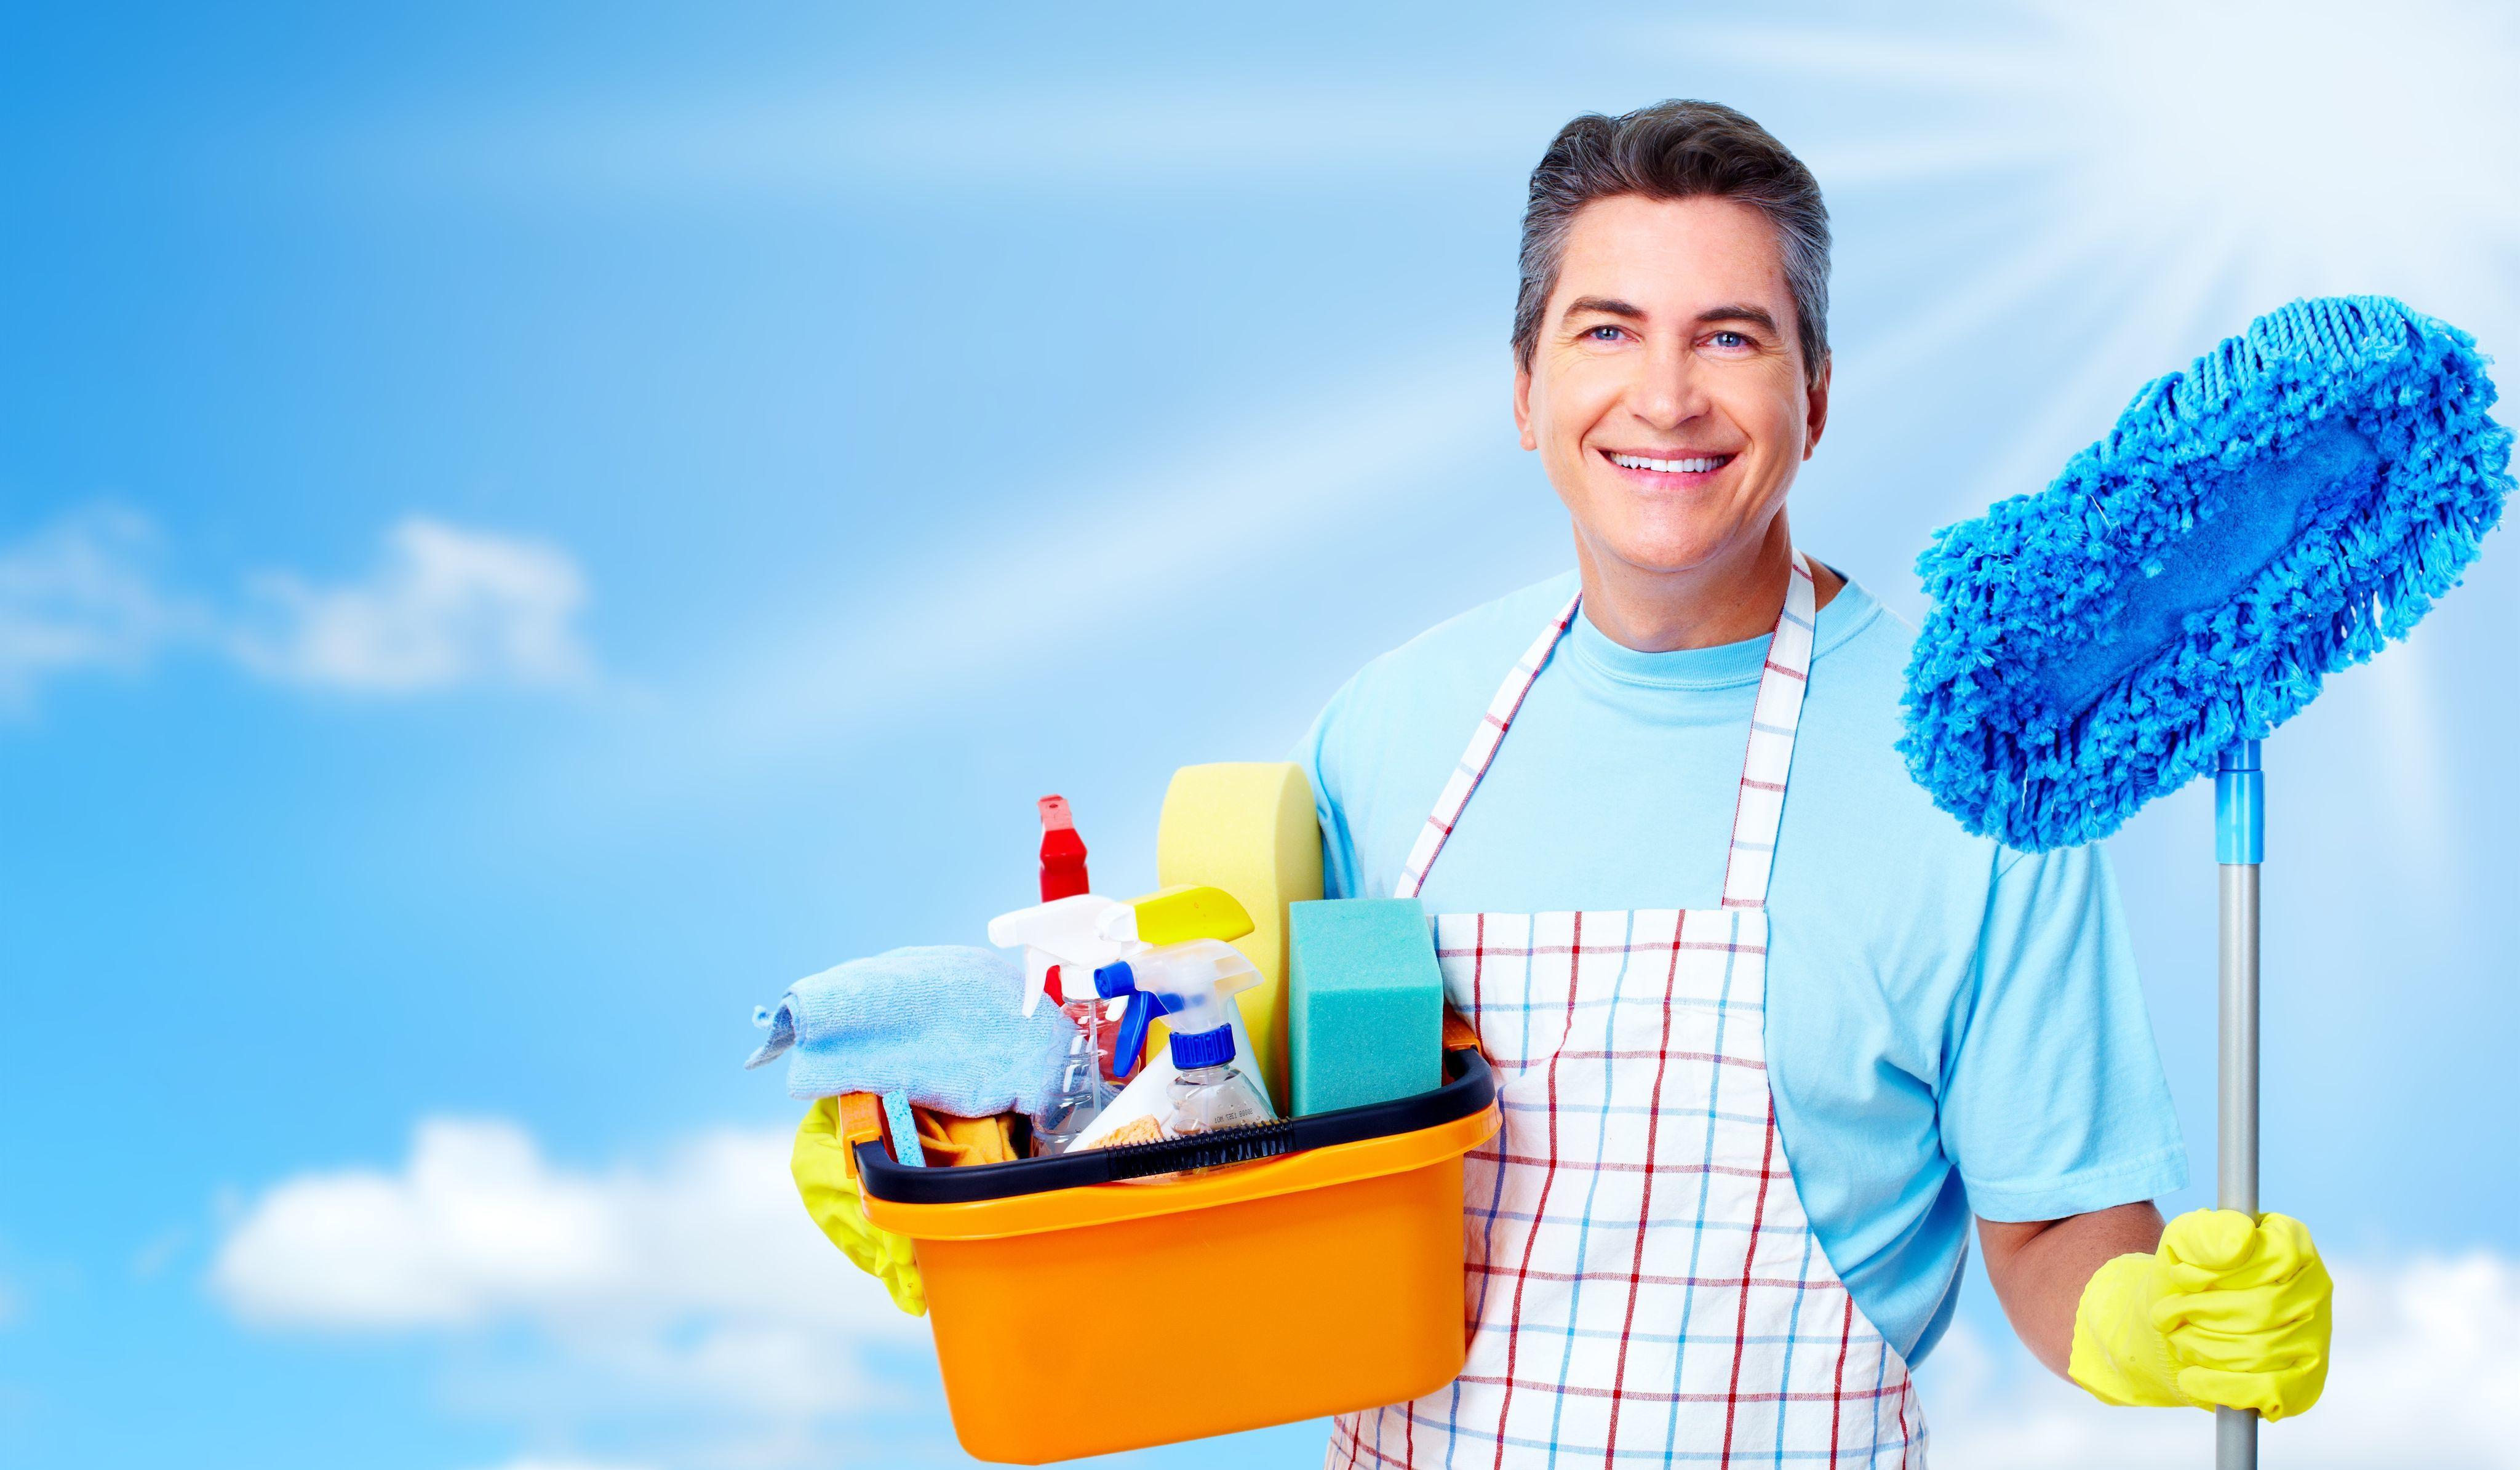 شركة تنظيف بالرياض 0503152005